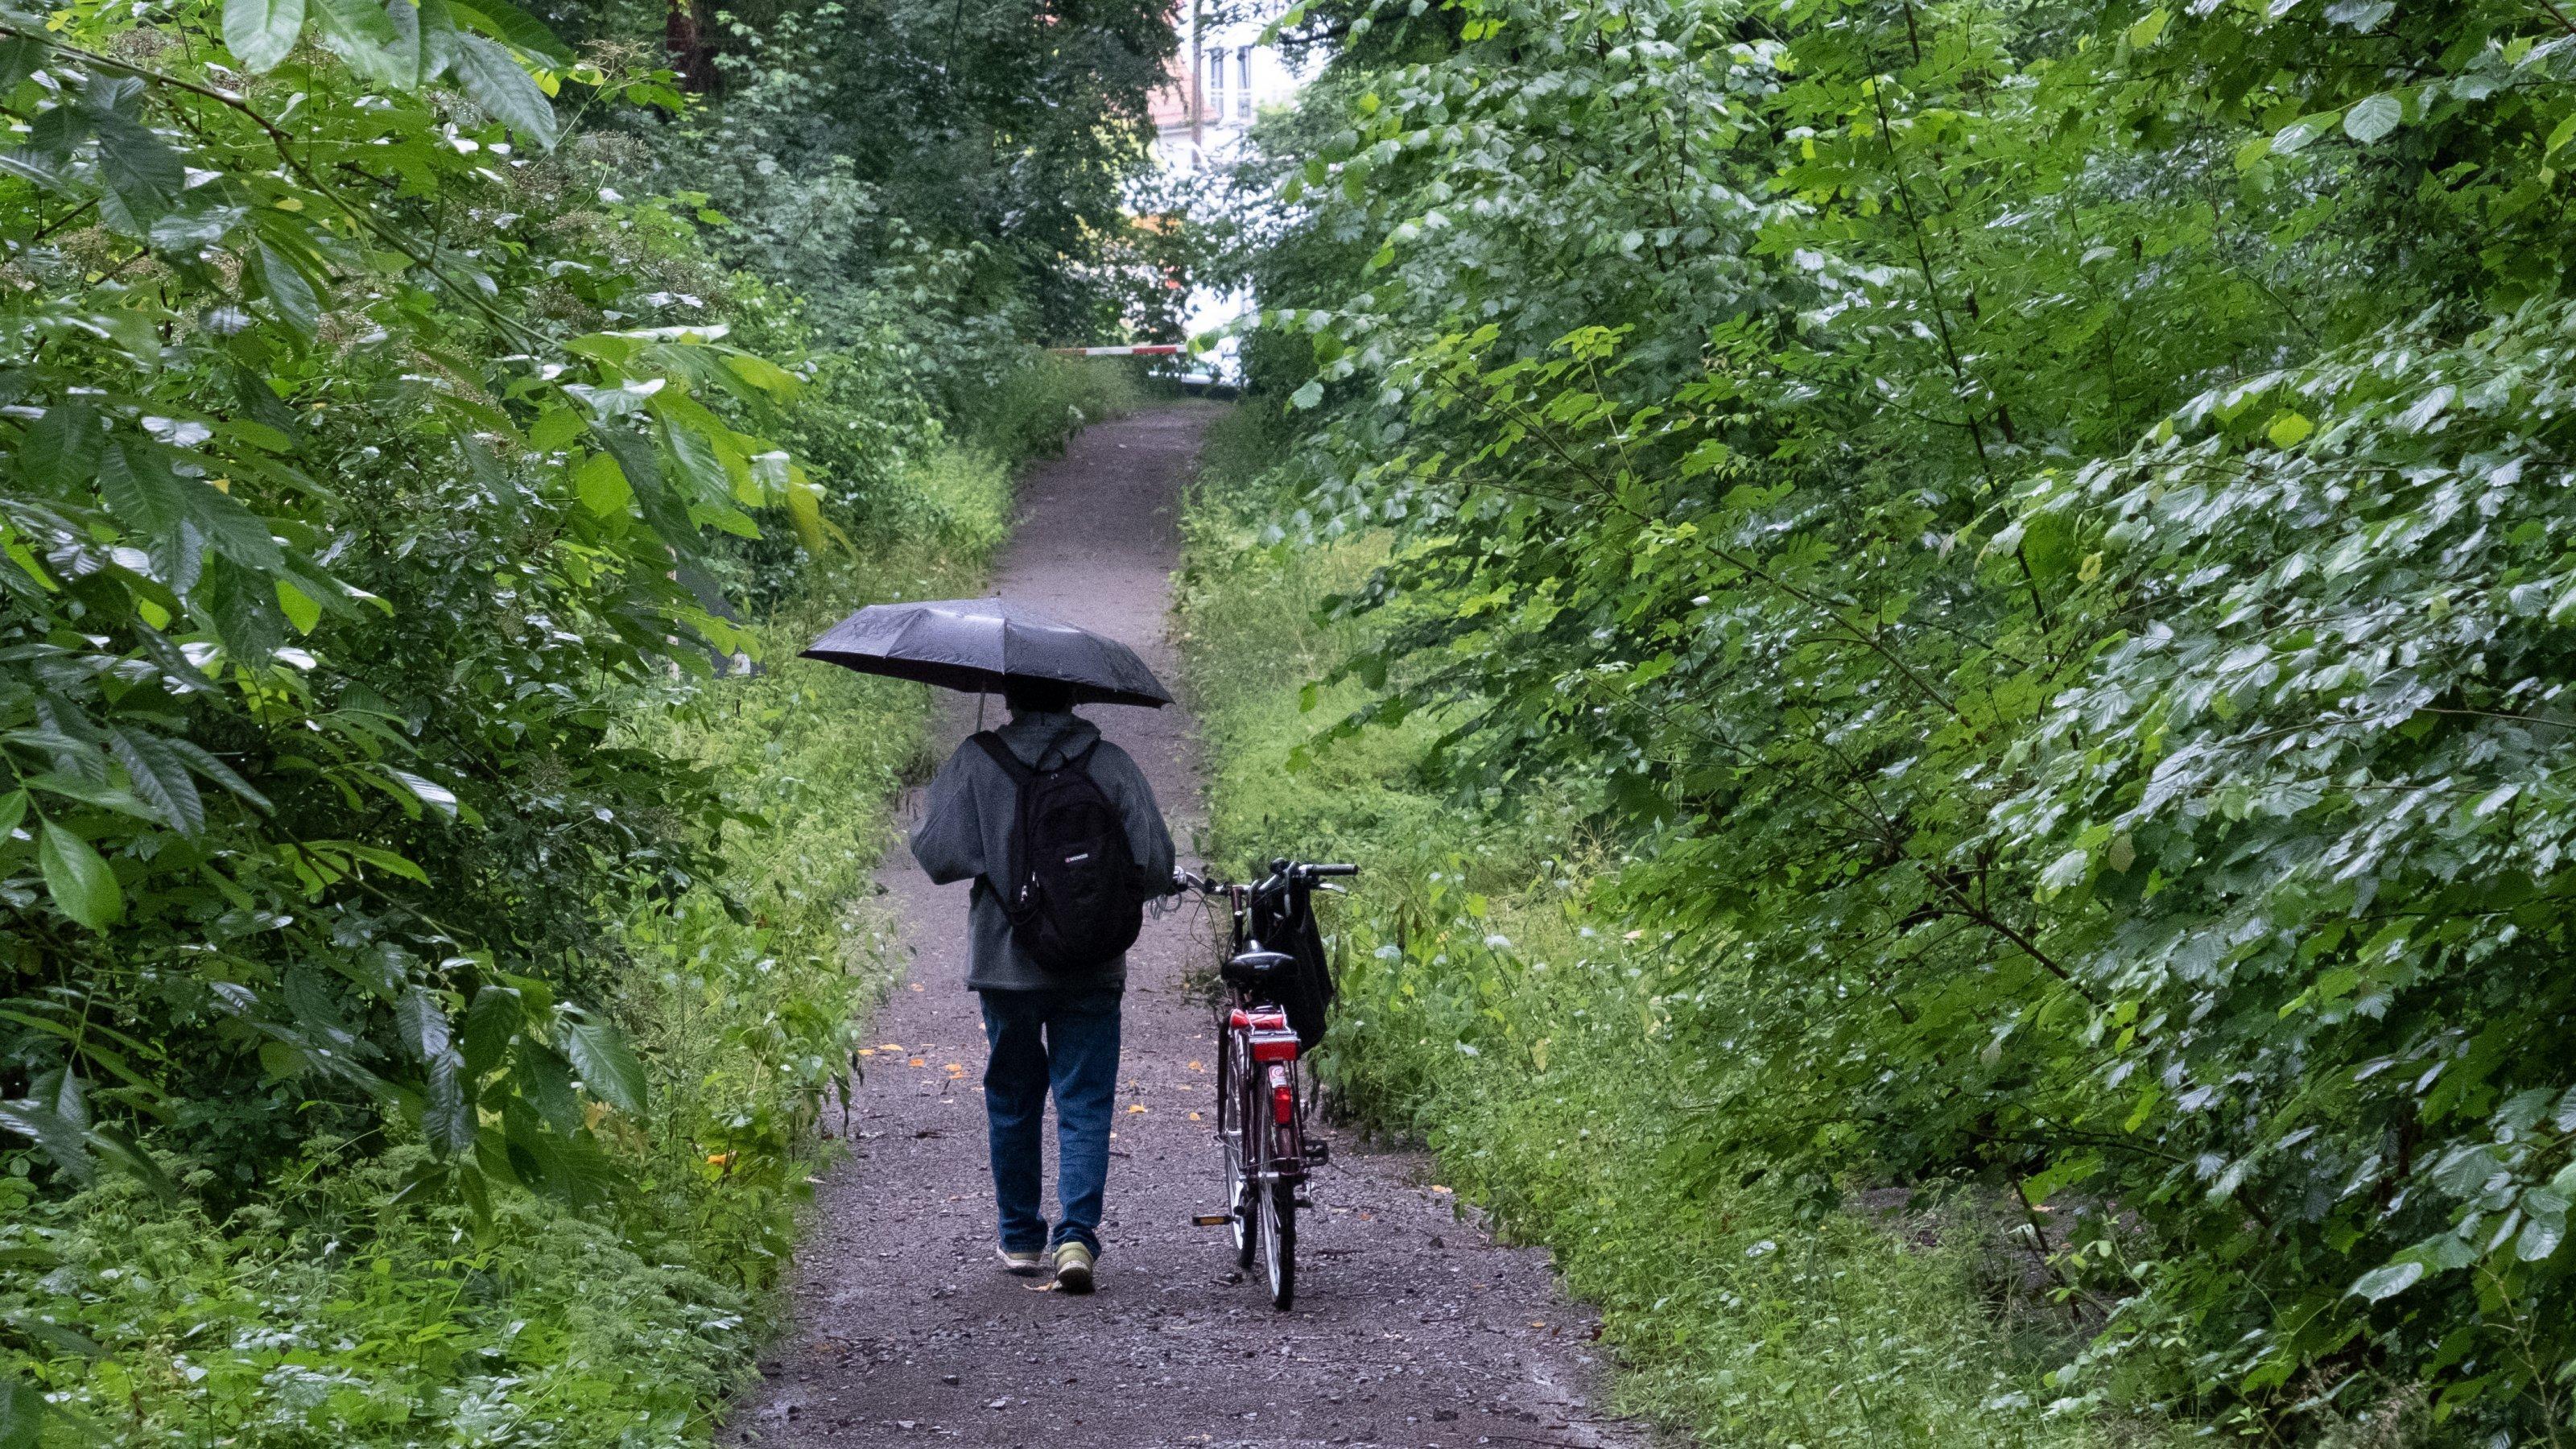 Ein Mann läuft bei anhaltendem Regen im Wald mit einem Regenschirm.